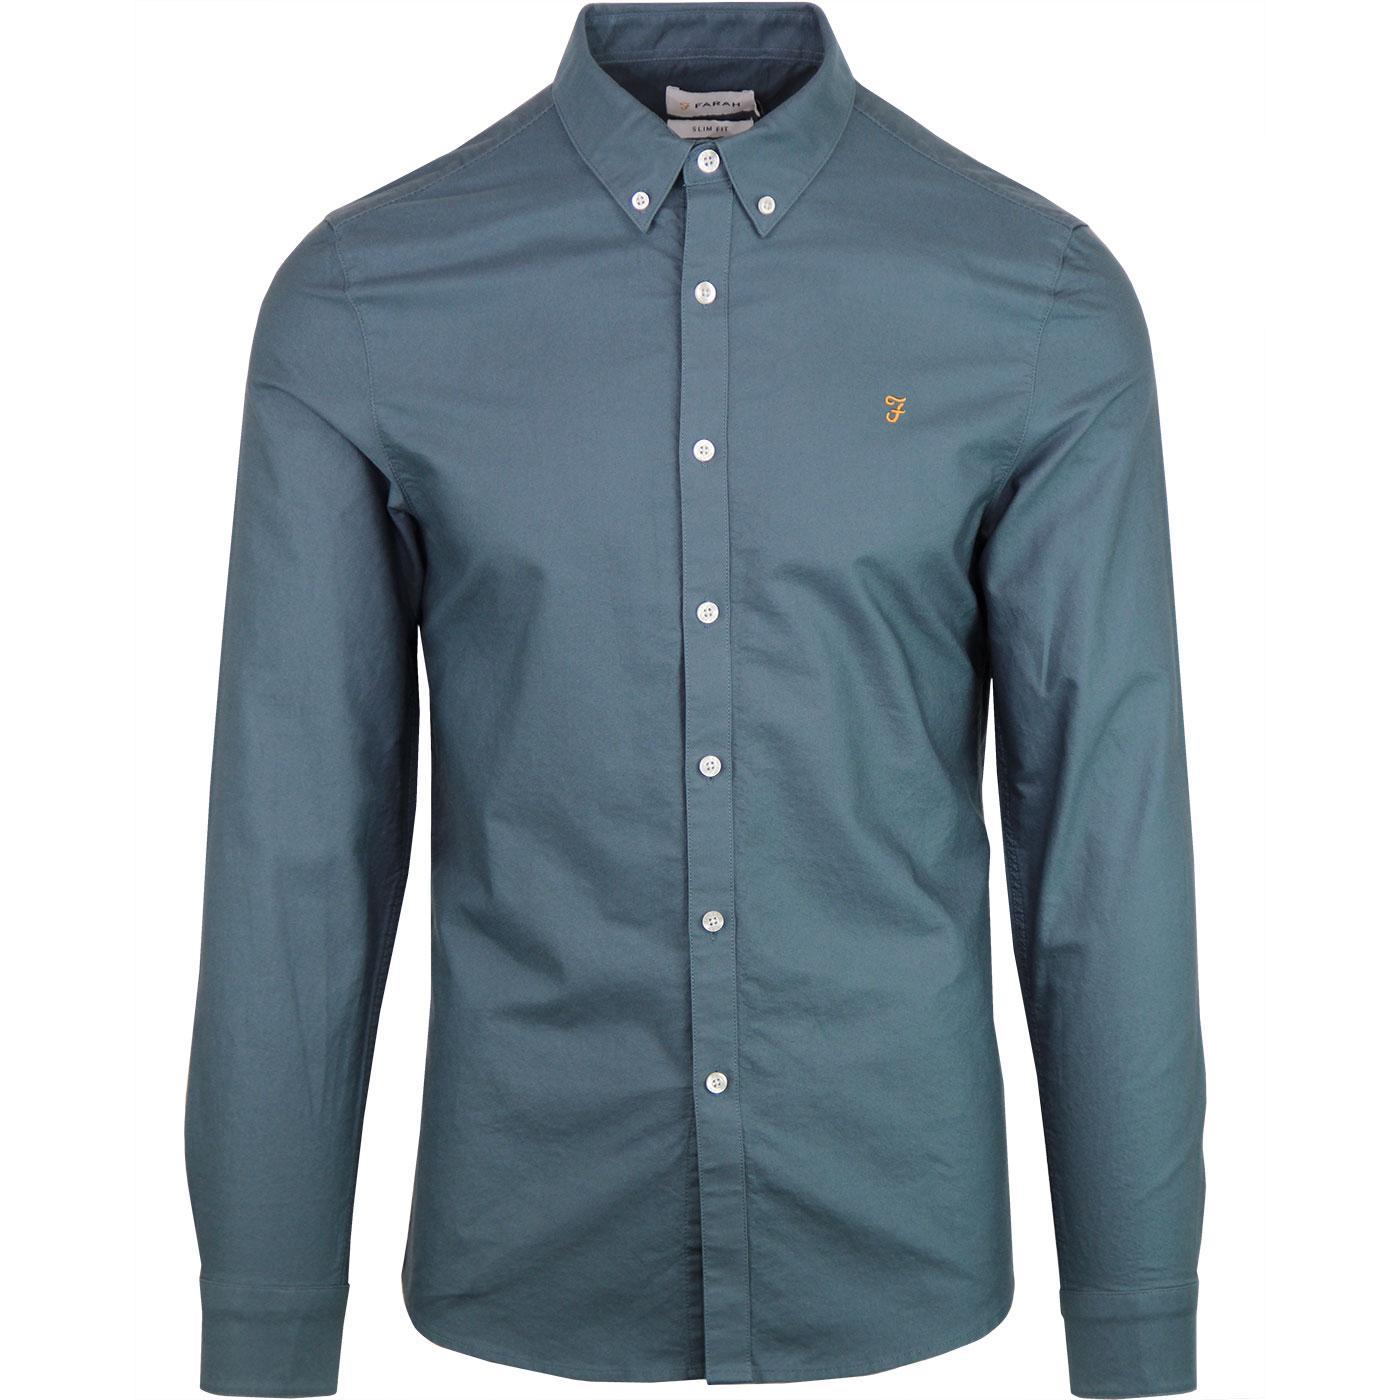 Brewer FARAH Slim Button Down Oxford Shirt - Ocean